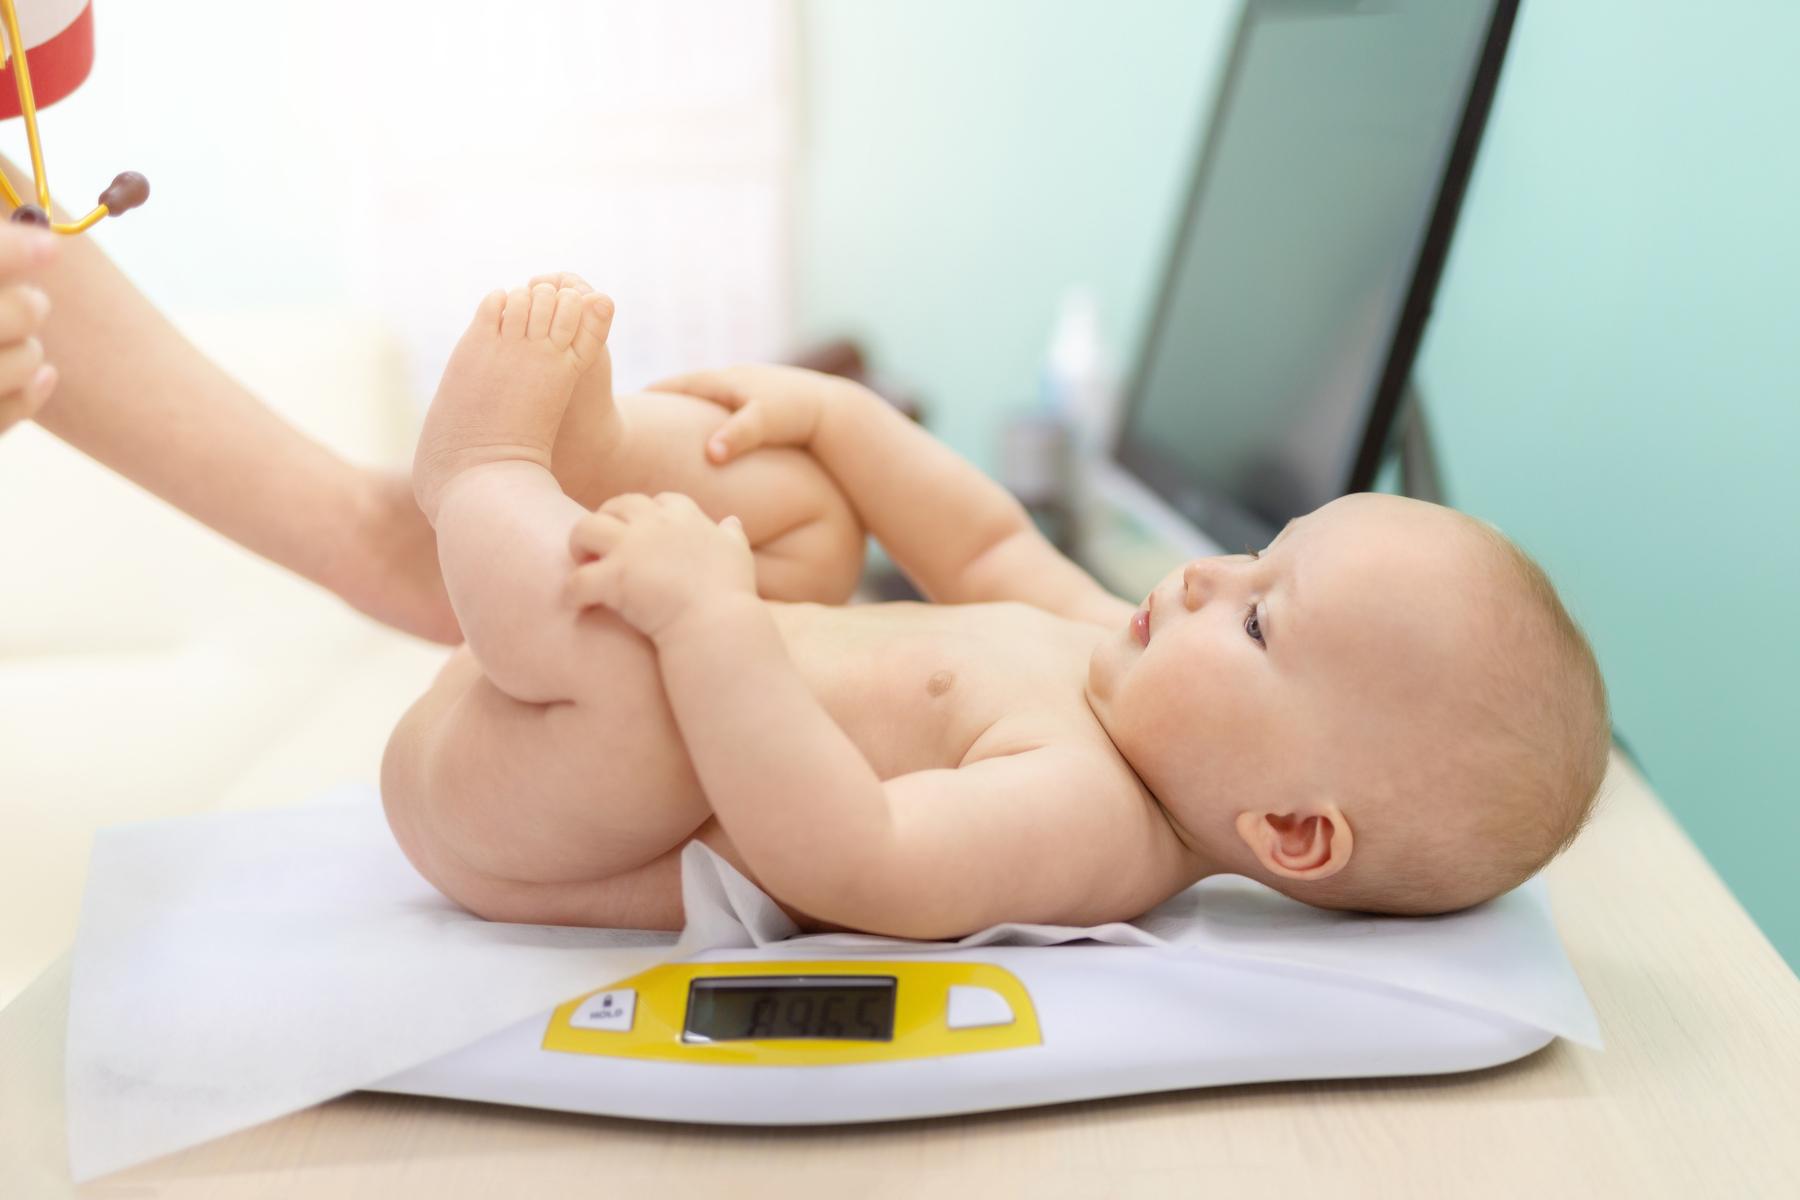 Weighing newborn baby